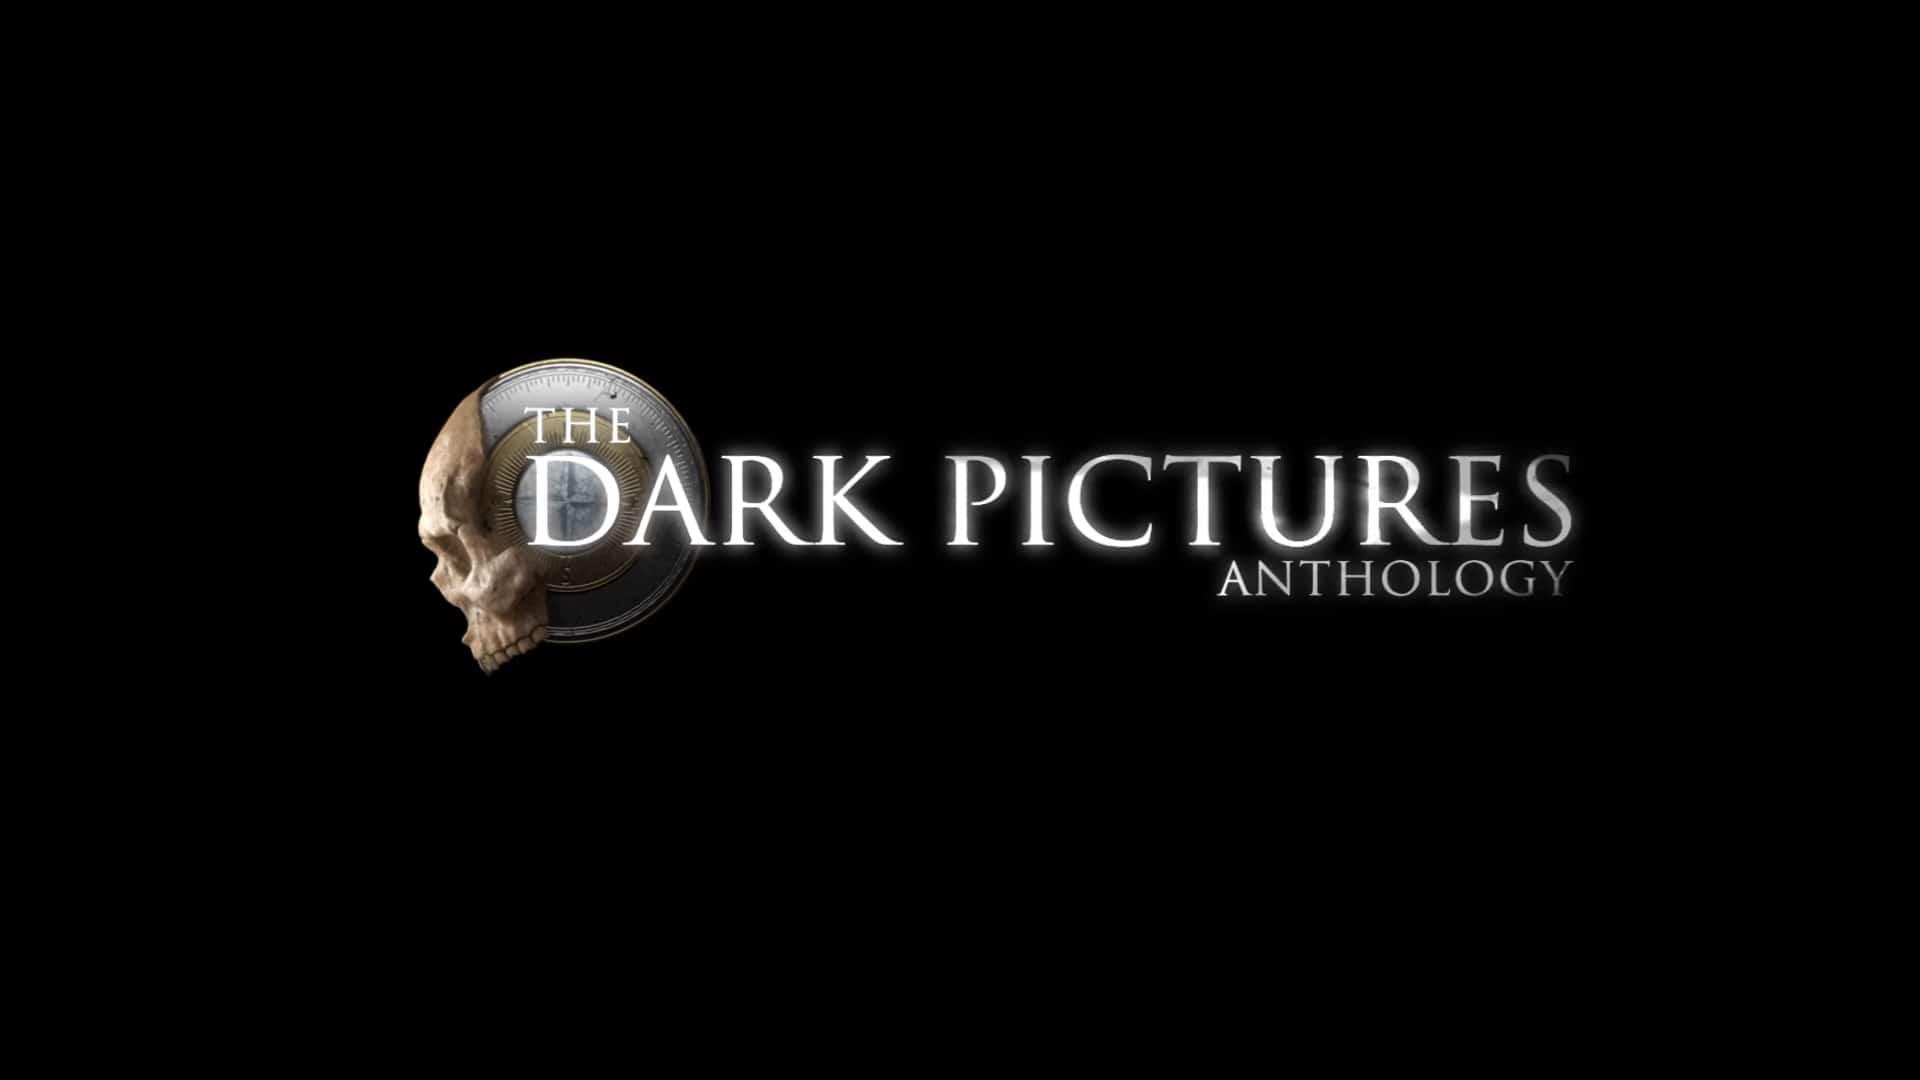 The Dark Pictures: The Devil in Me será el juego final de la primera temporada de esta antología de terror 4